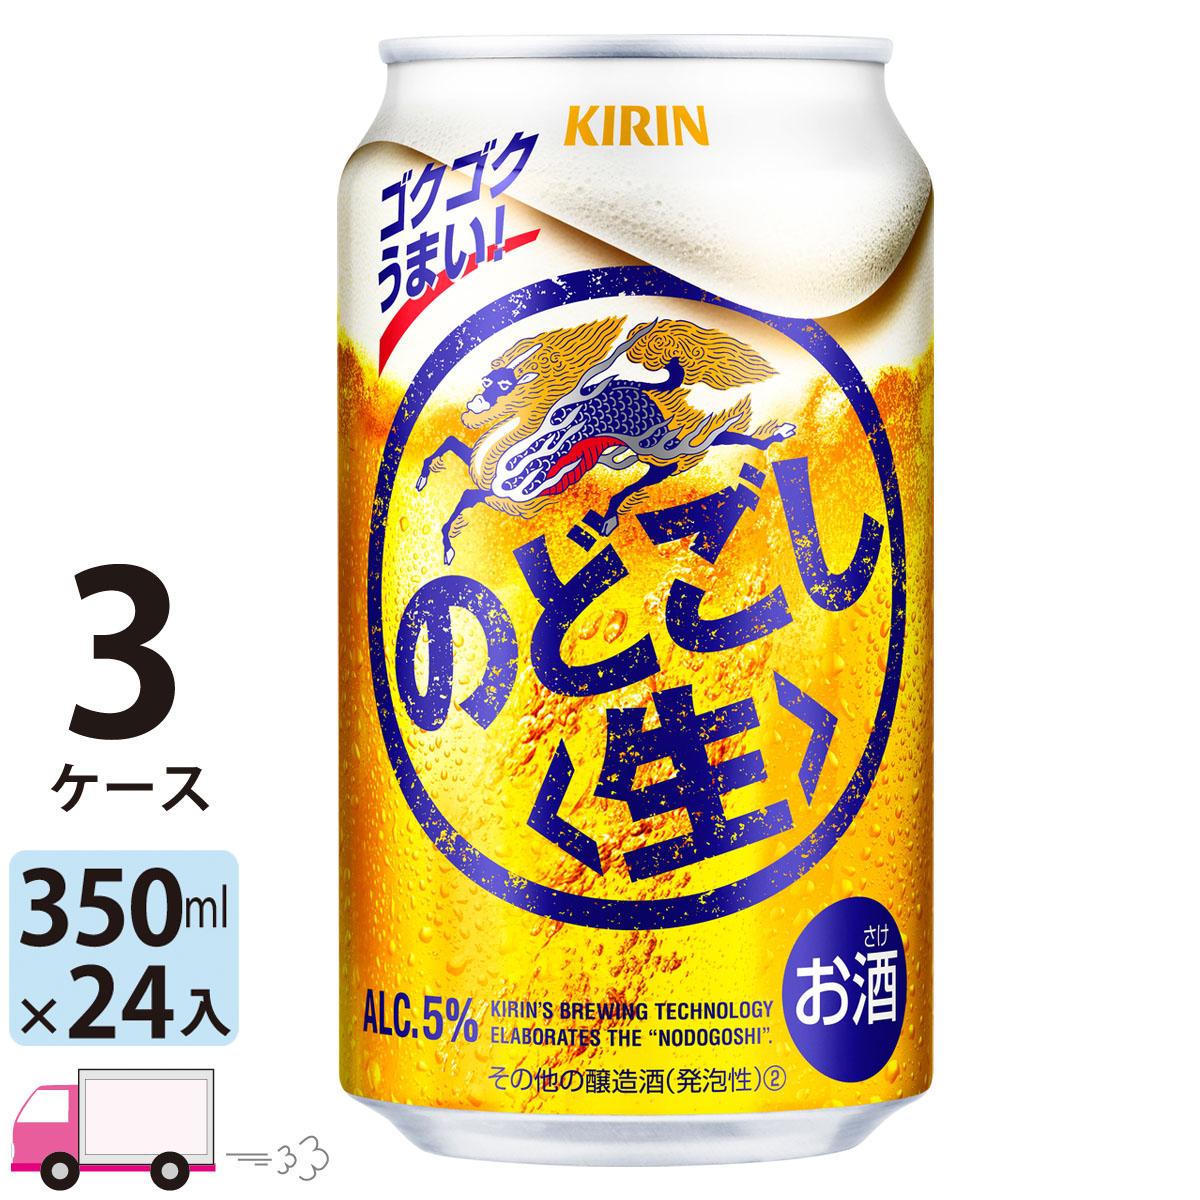 ストアー ゴクゴク飲める 爽快なうまさ 送料無料 キリン ビール 350ml 24缶入 のどごし生 72本 3ケース 1着でも送料無料